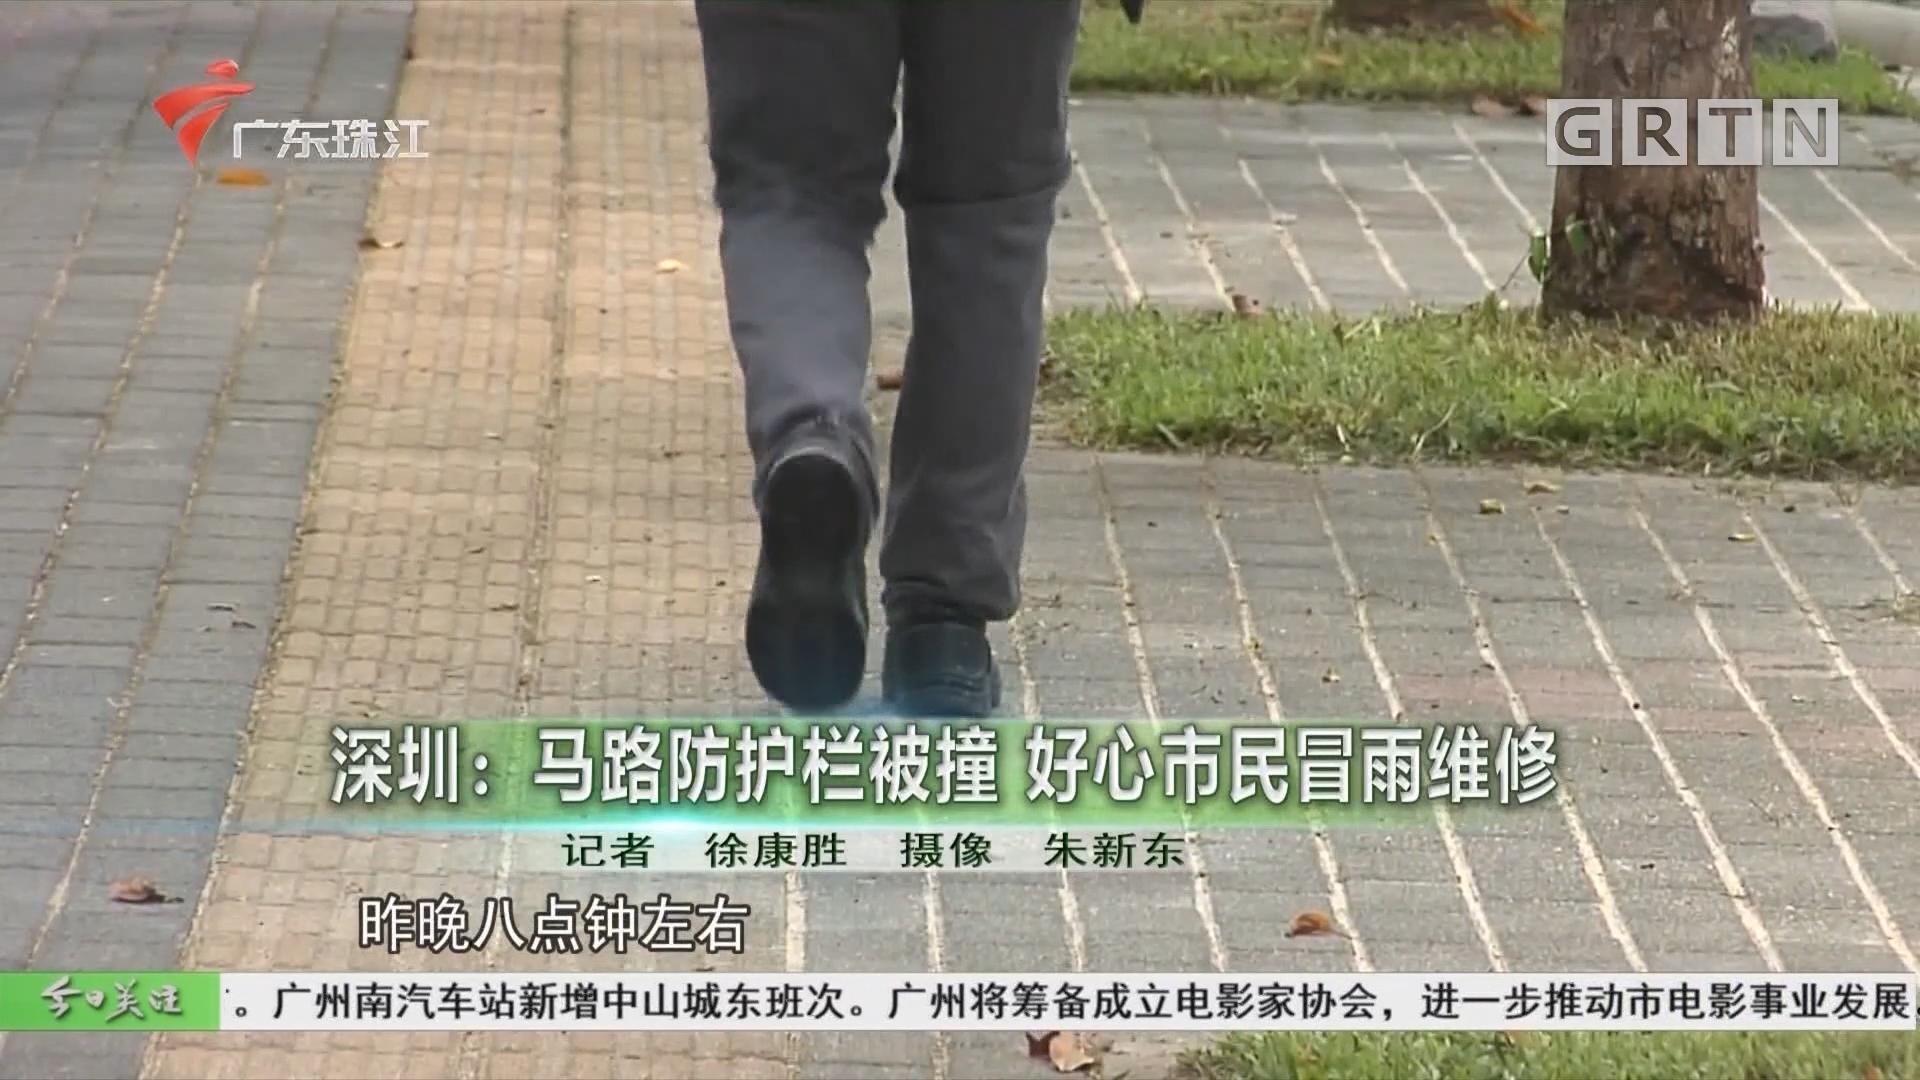 深圳:马路防护栏被撞 好心市民冒雨维修